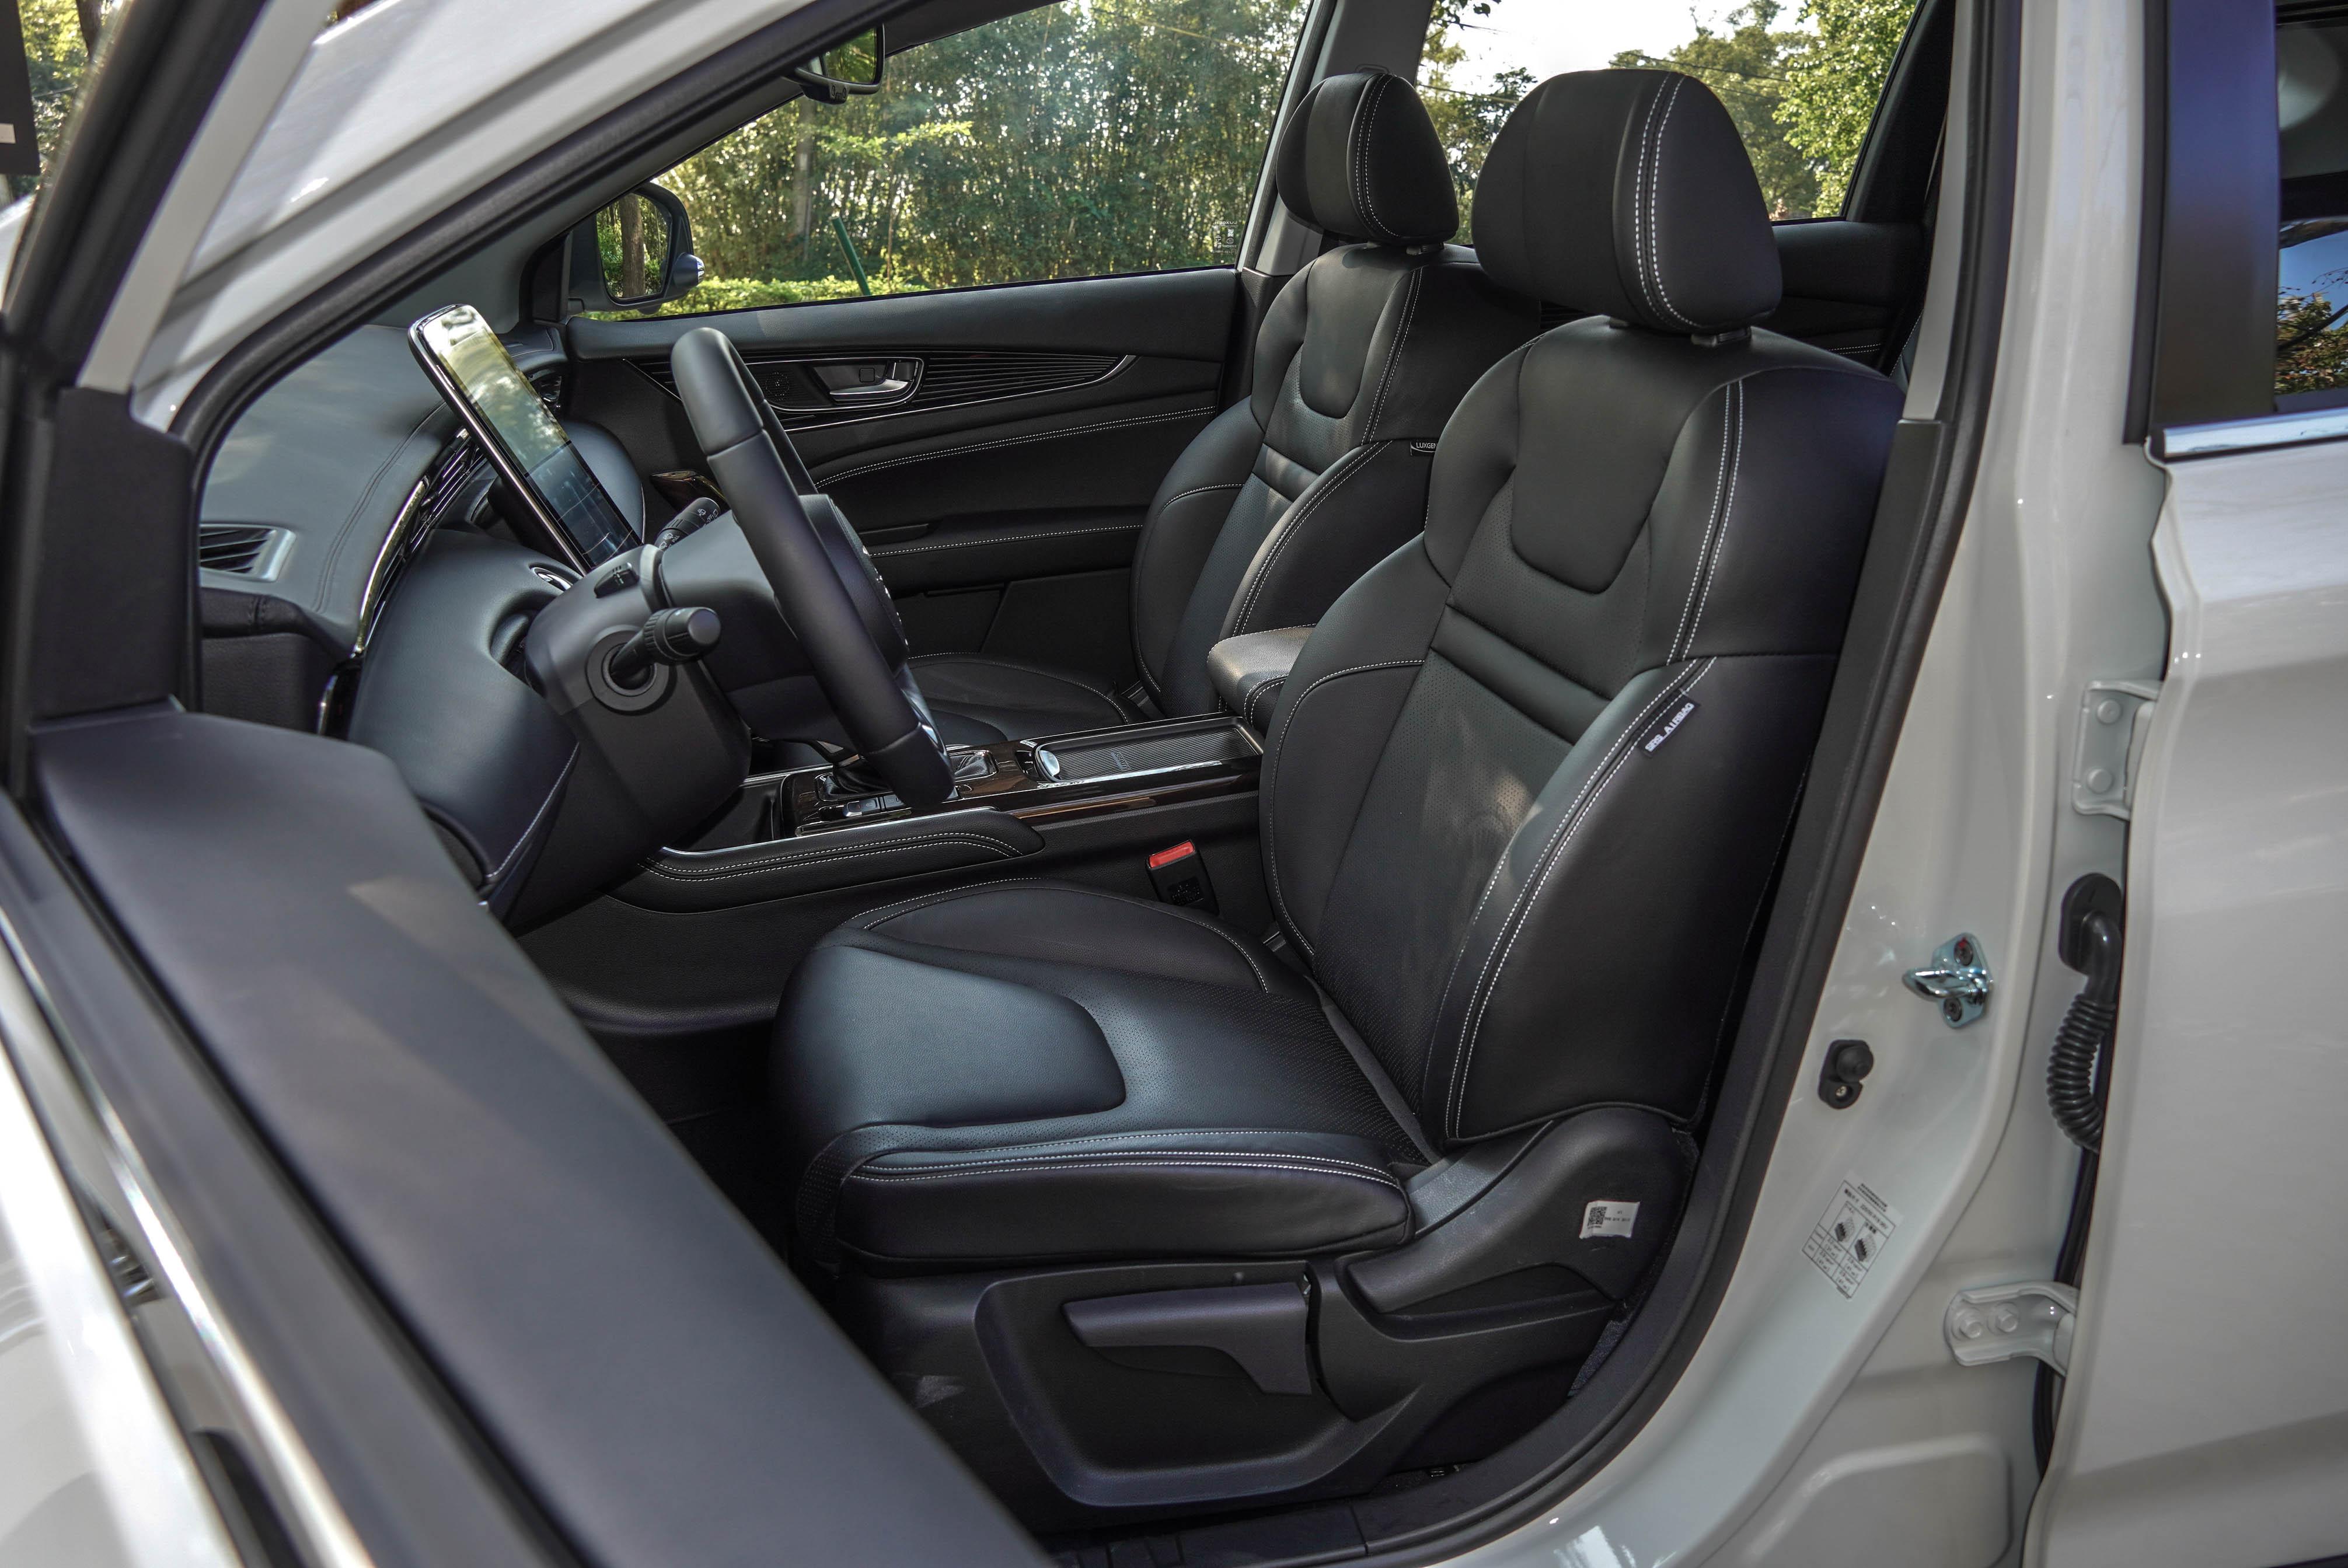 五人旗艦款以上搭載駕駛座 8 向電動調整功能(附 2 組記憶功能)、4 向電動腰靠,副駕駛座則提供 4 向電動調整功能,前排座椅皆配備通風加熱功能。